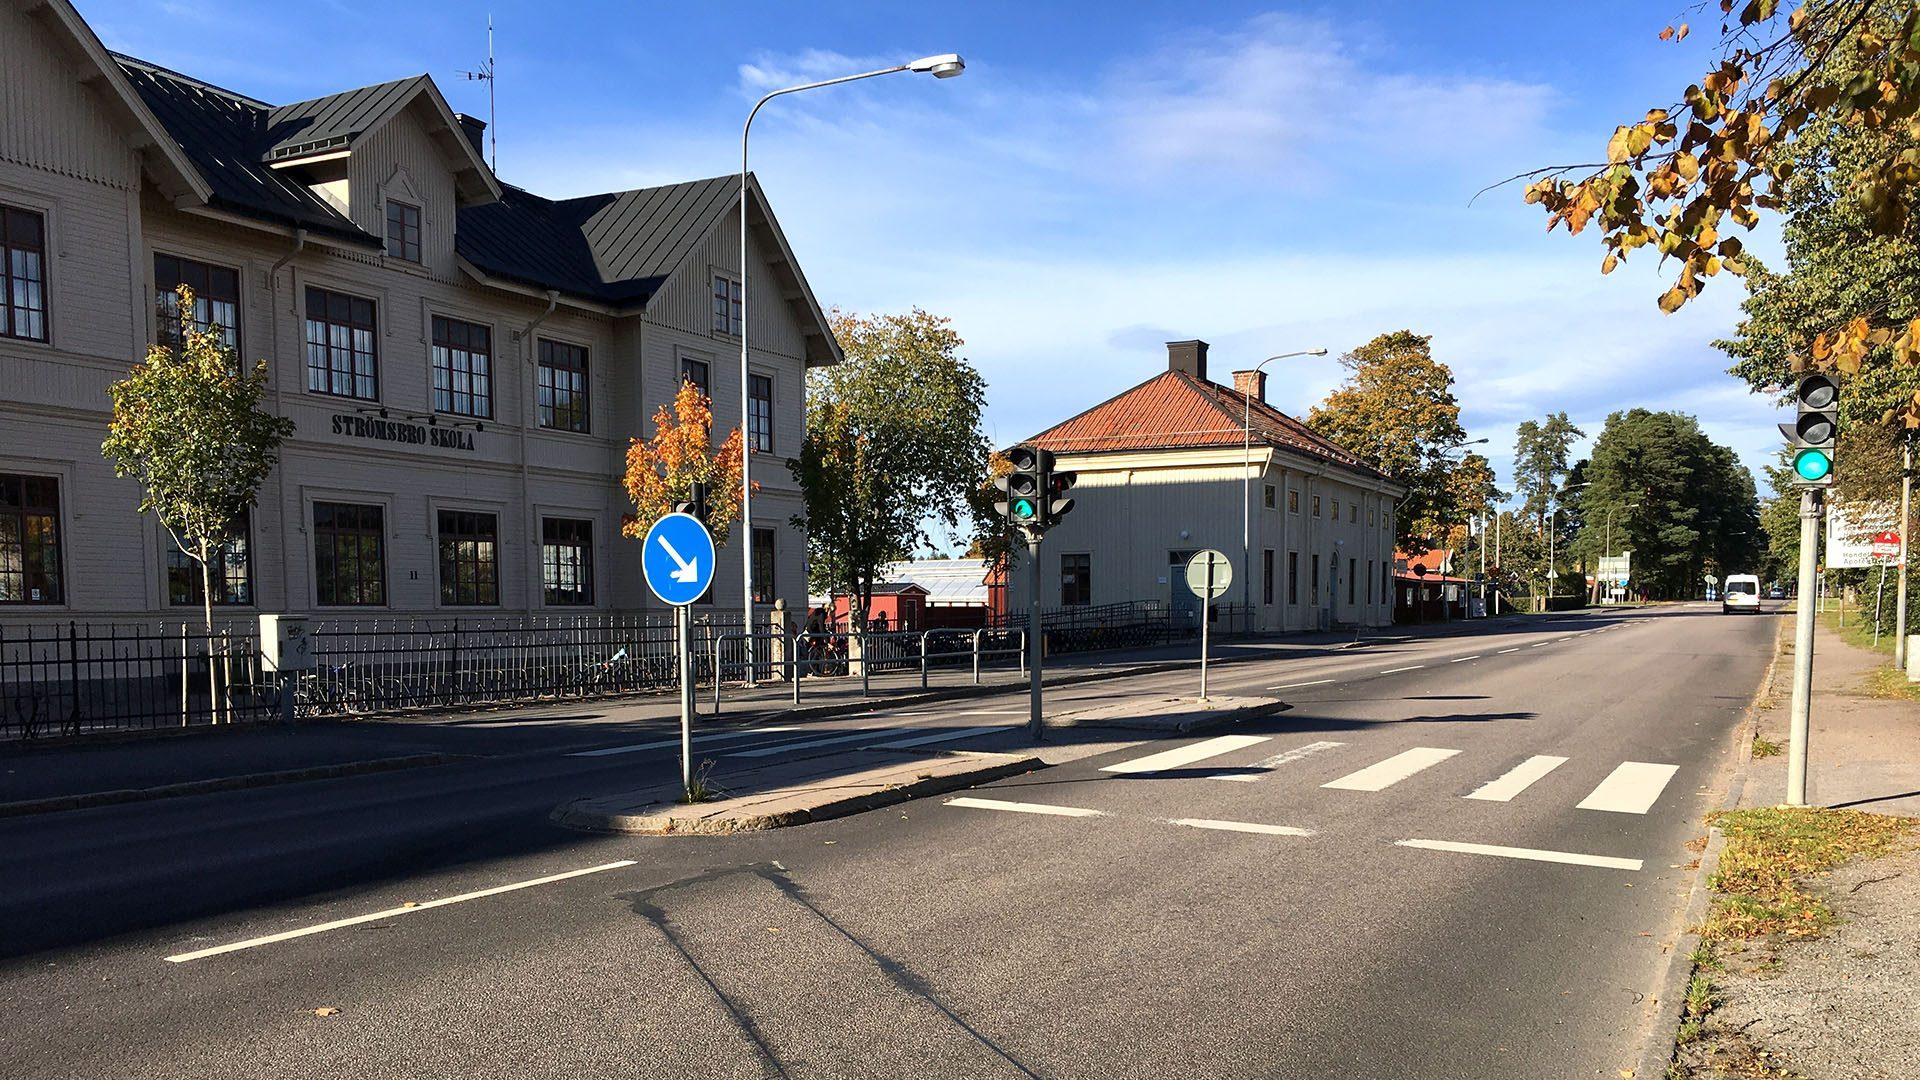 Övergångsstället vid Strömsbro skola